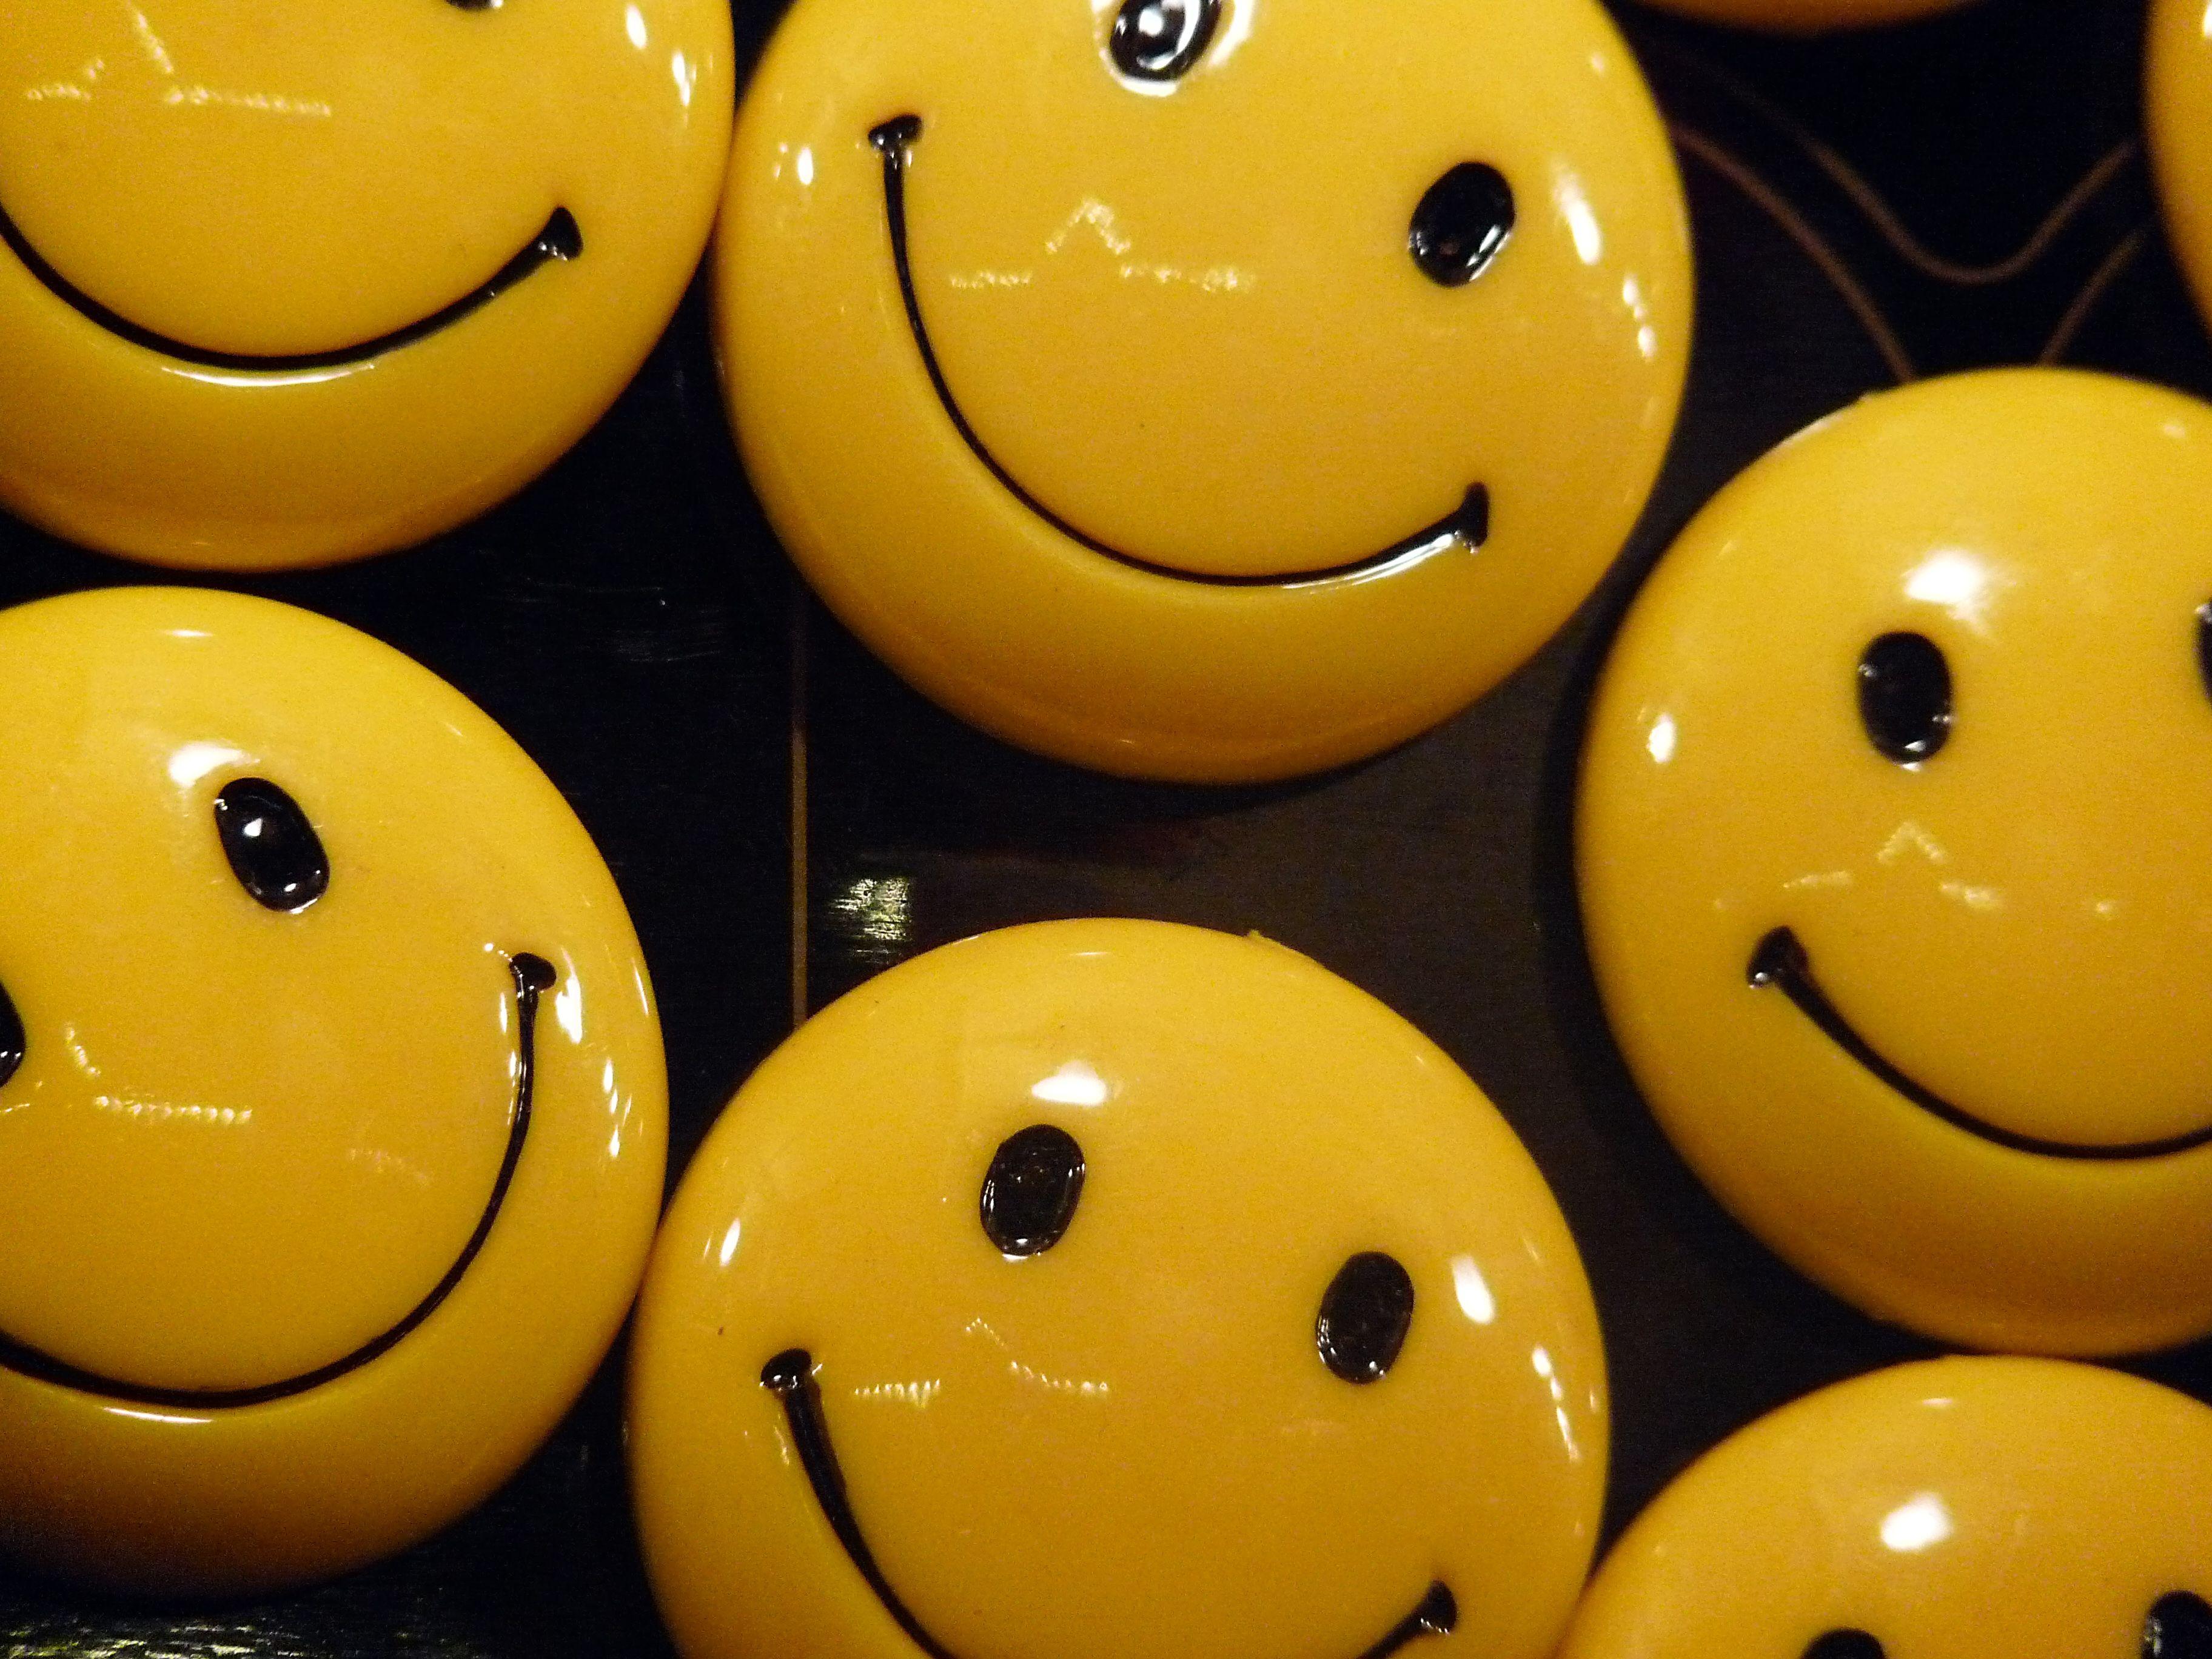 Plus d'argent ou plus de temps ? Une étude menée sur 4000 personnes révèle ce qui nous rend le plus heureux et la réponse est…